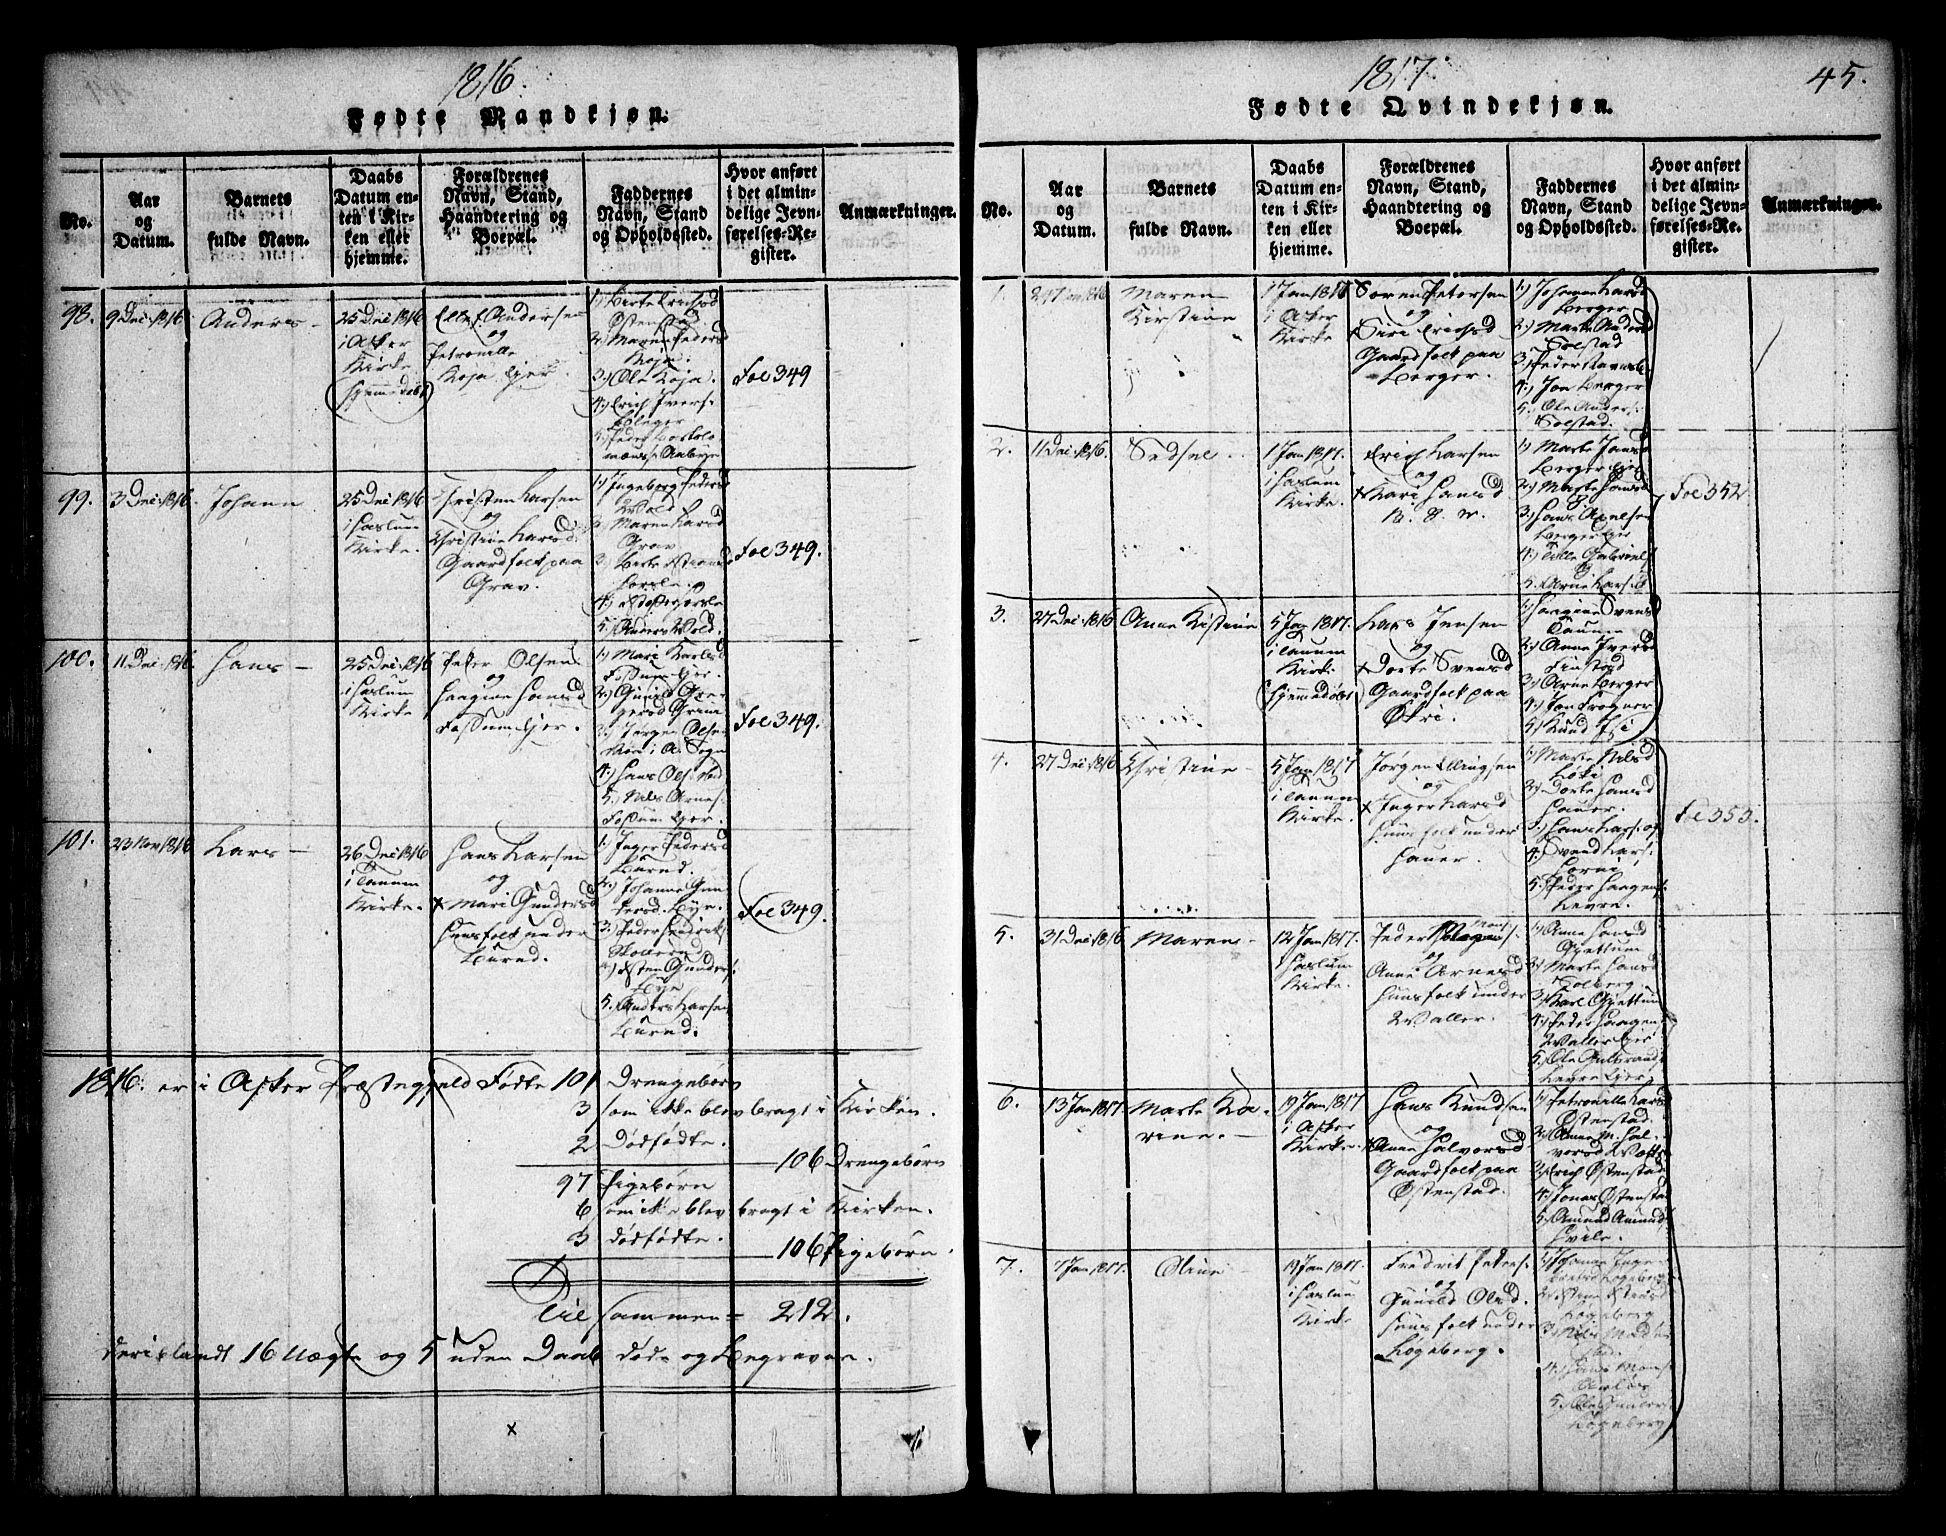 SAO, Asker prestekontor Kirkebøker, F/Fa/L0006: Ministerialbok nr. I 6, 1814-1824, s. 45